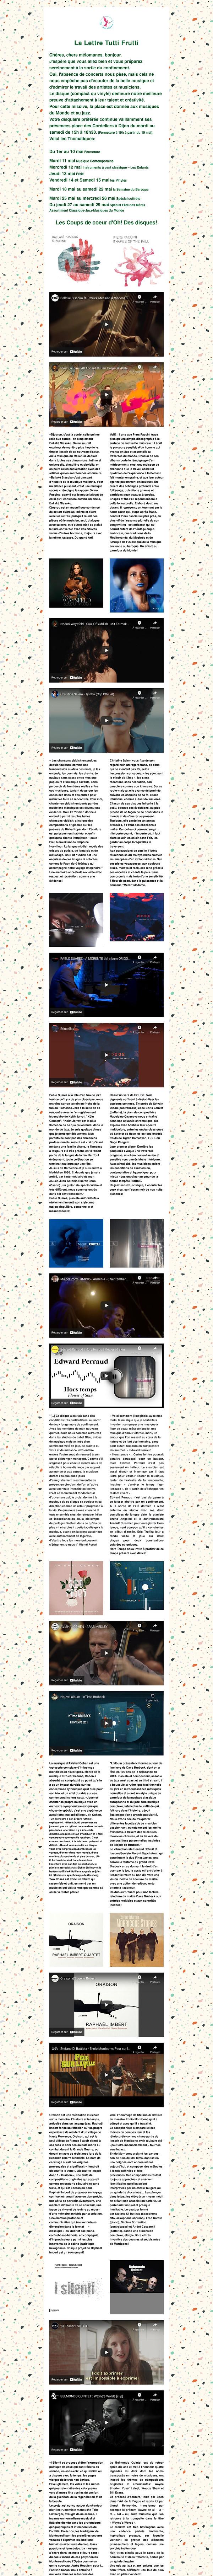 La Lettre Tutti Frutti_page-0001.jpg